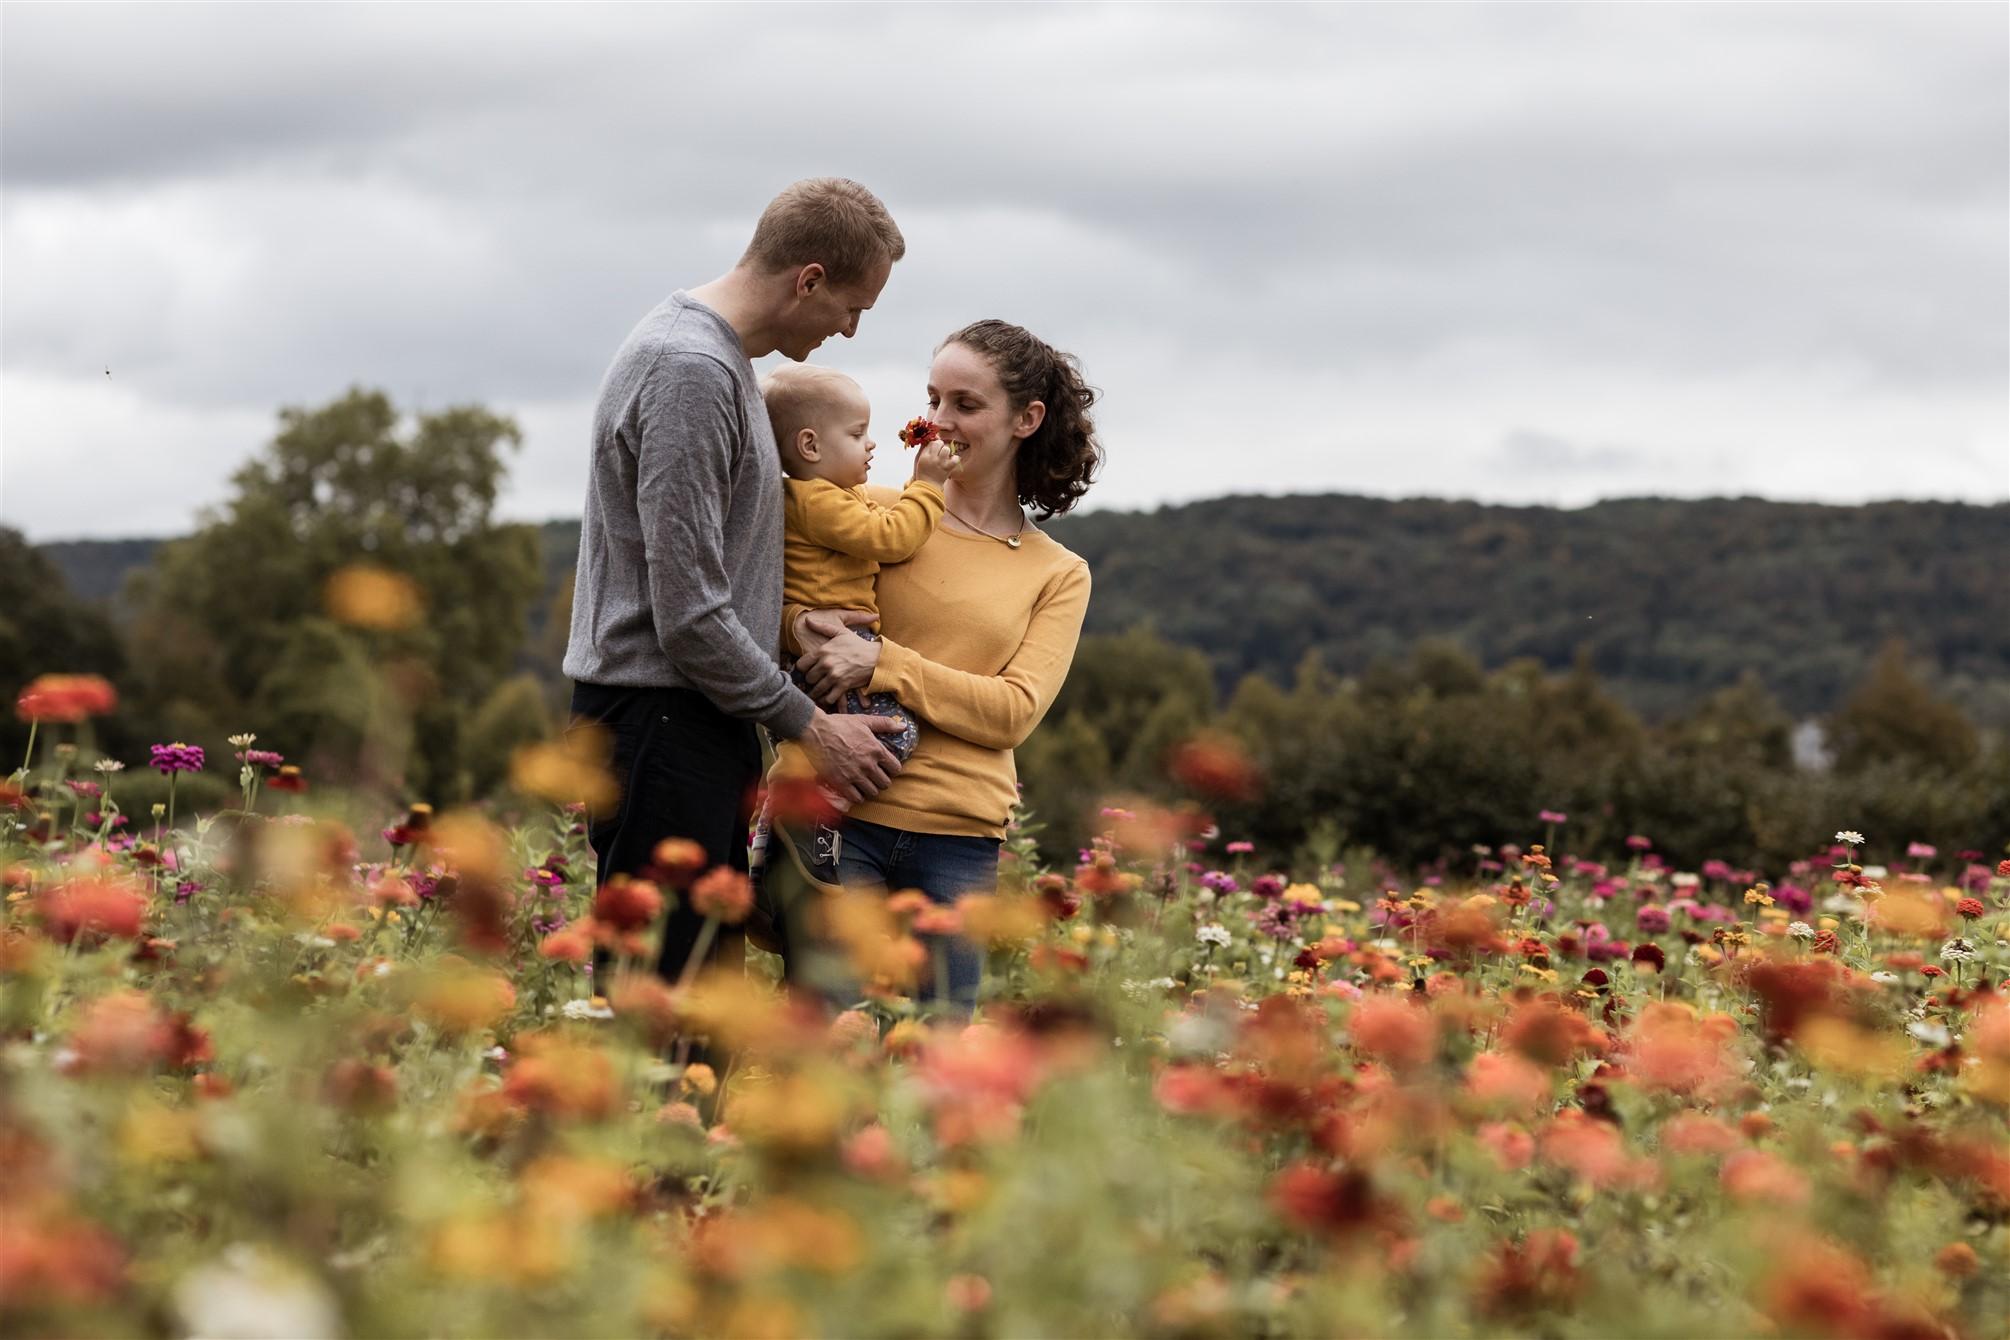 Familien Fotoshooting in Basel - Familienfotoshooting inmitten von einem Blumenfeld